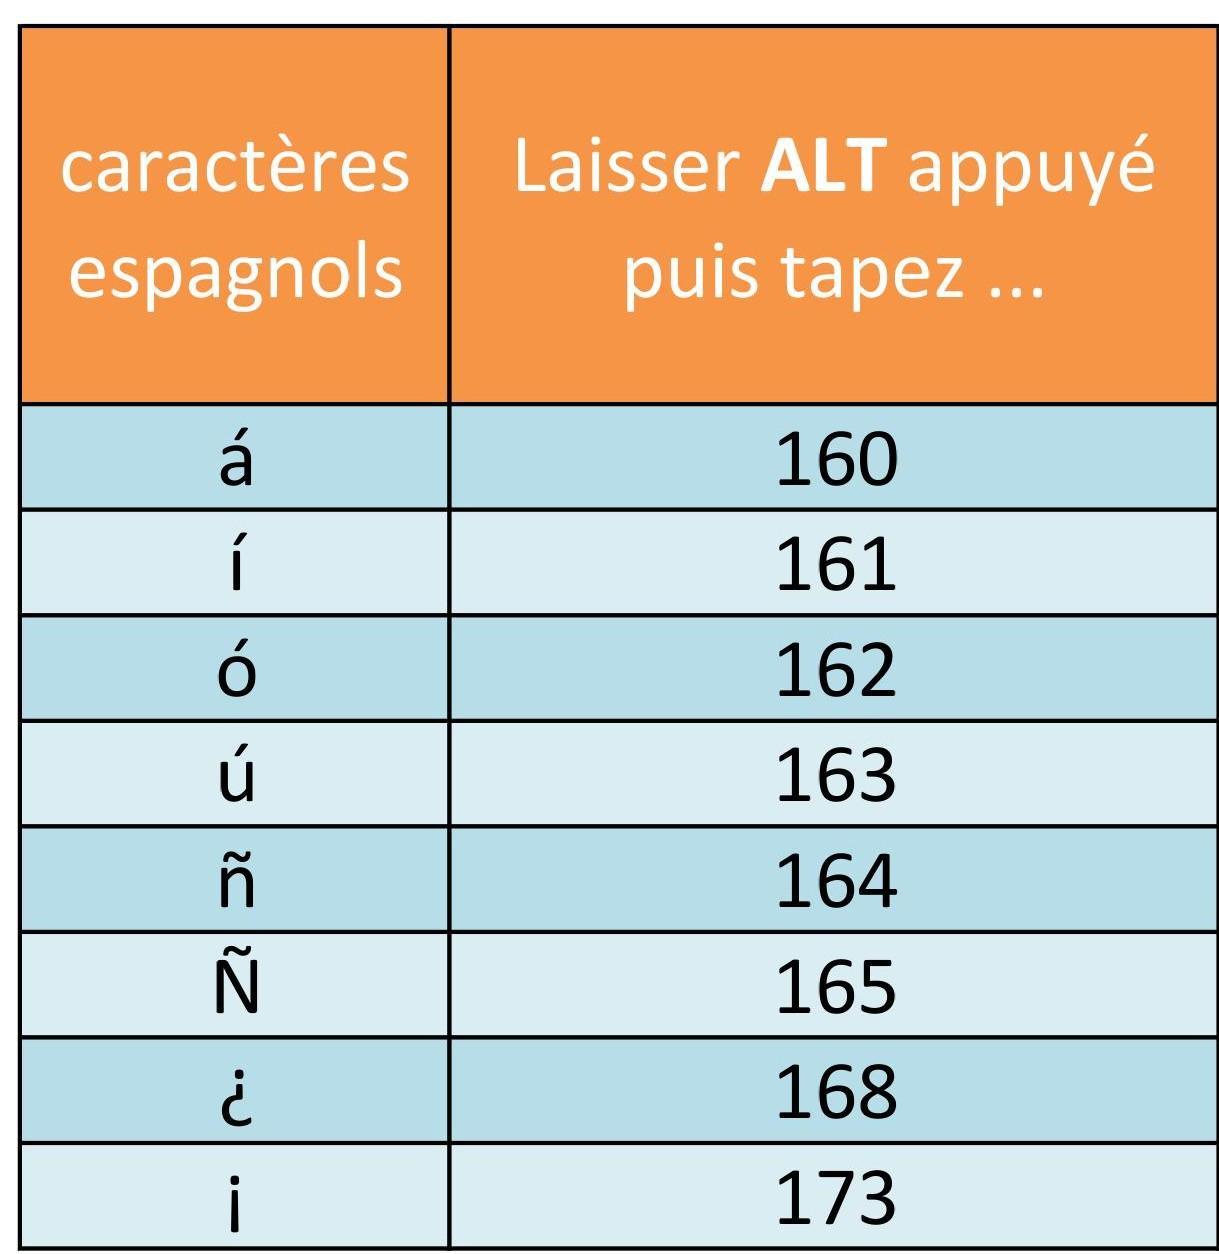 Taper Les Accents Espagnols Sur Son Clavier intérieur Quel Mot Faire Avec Les Lettres